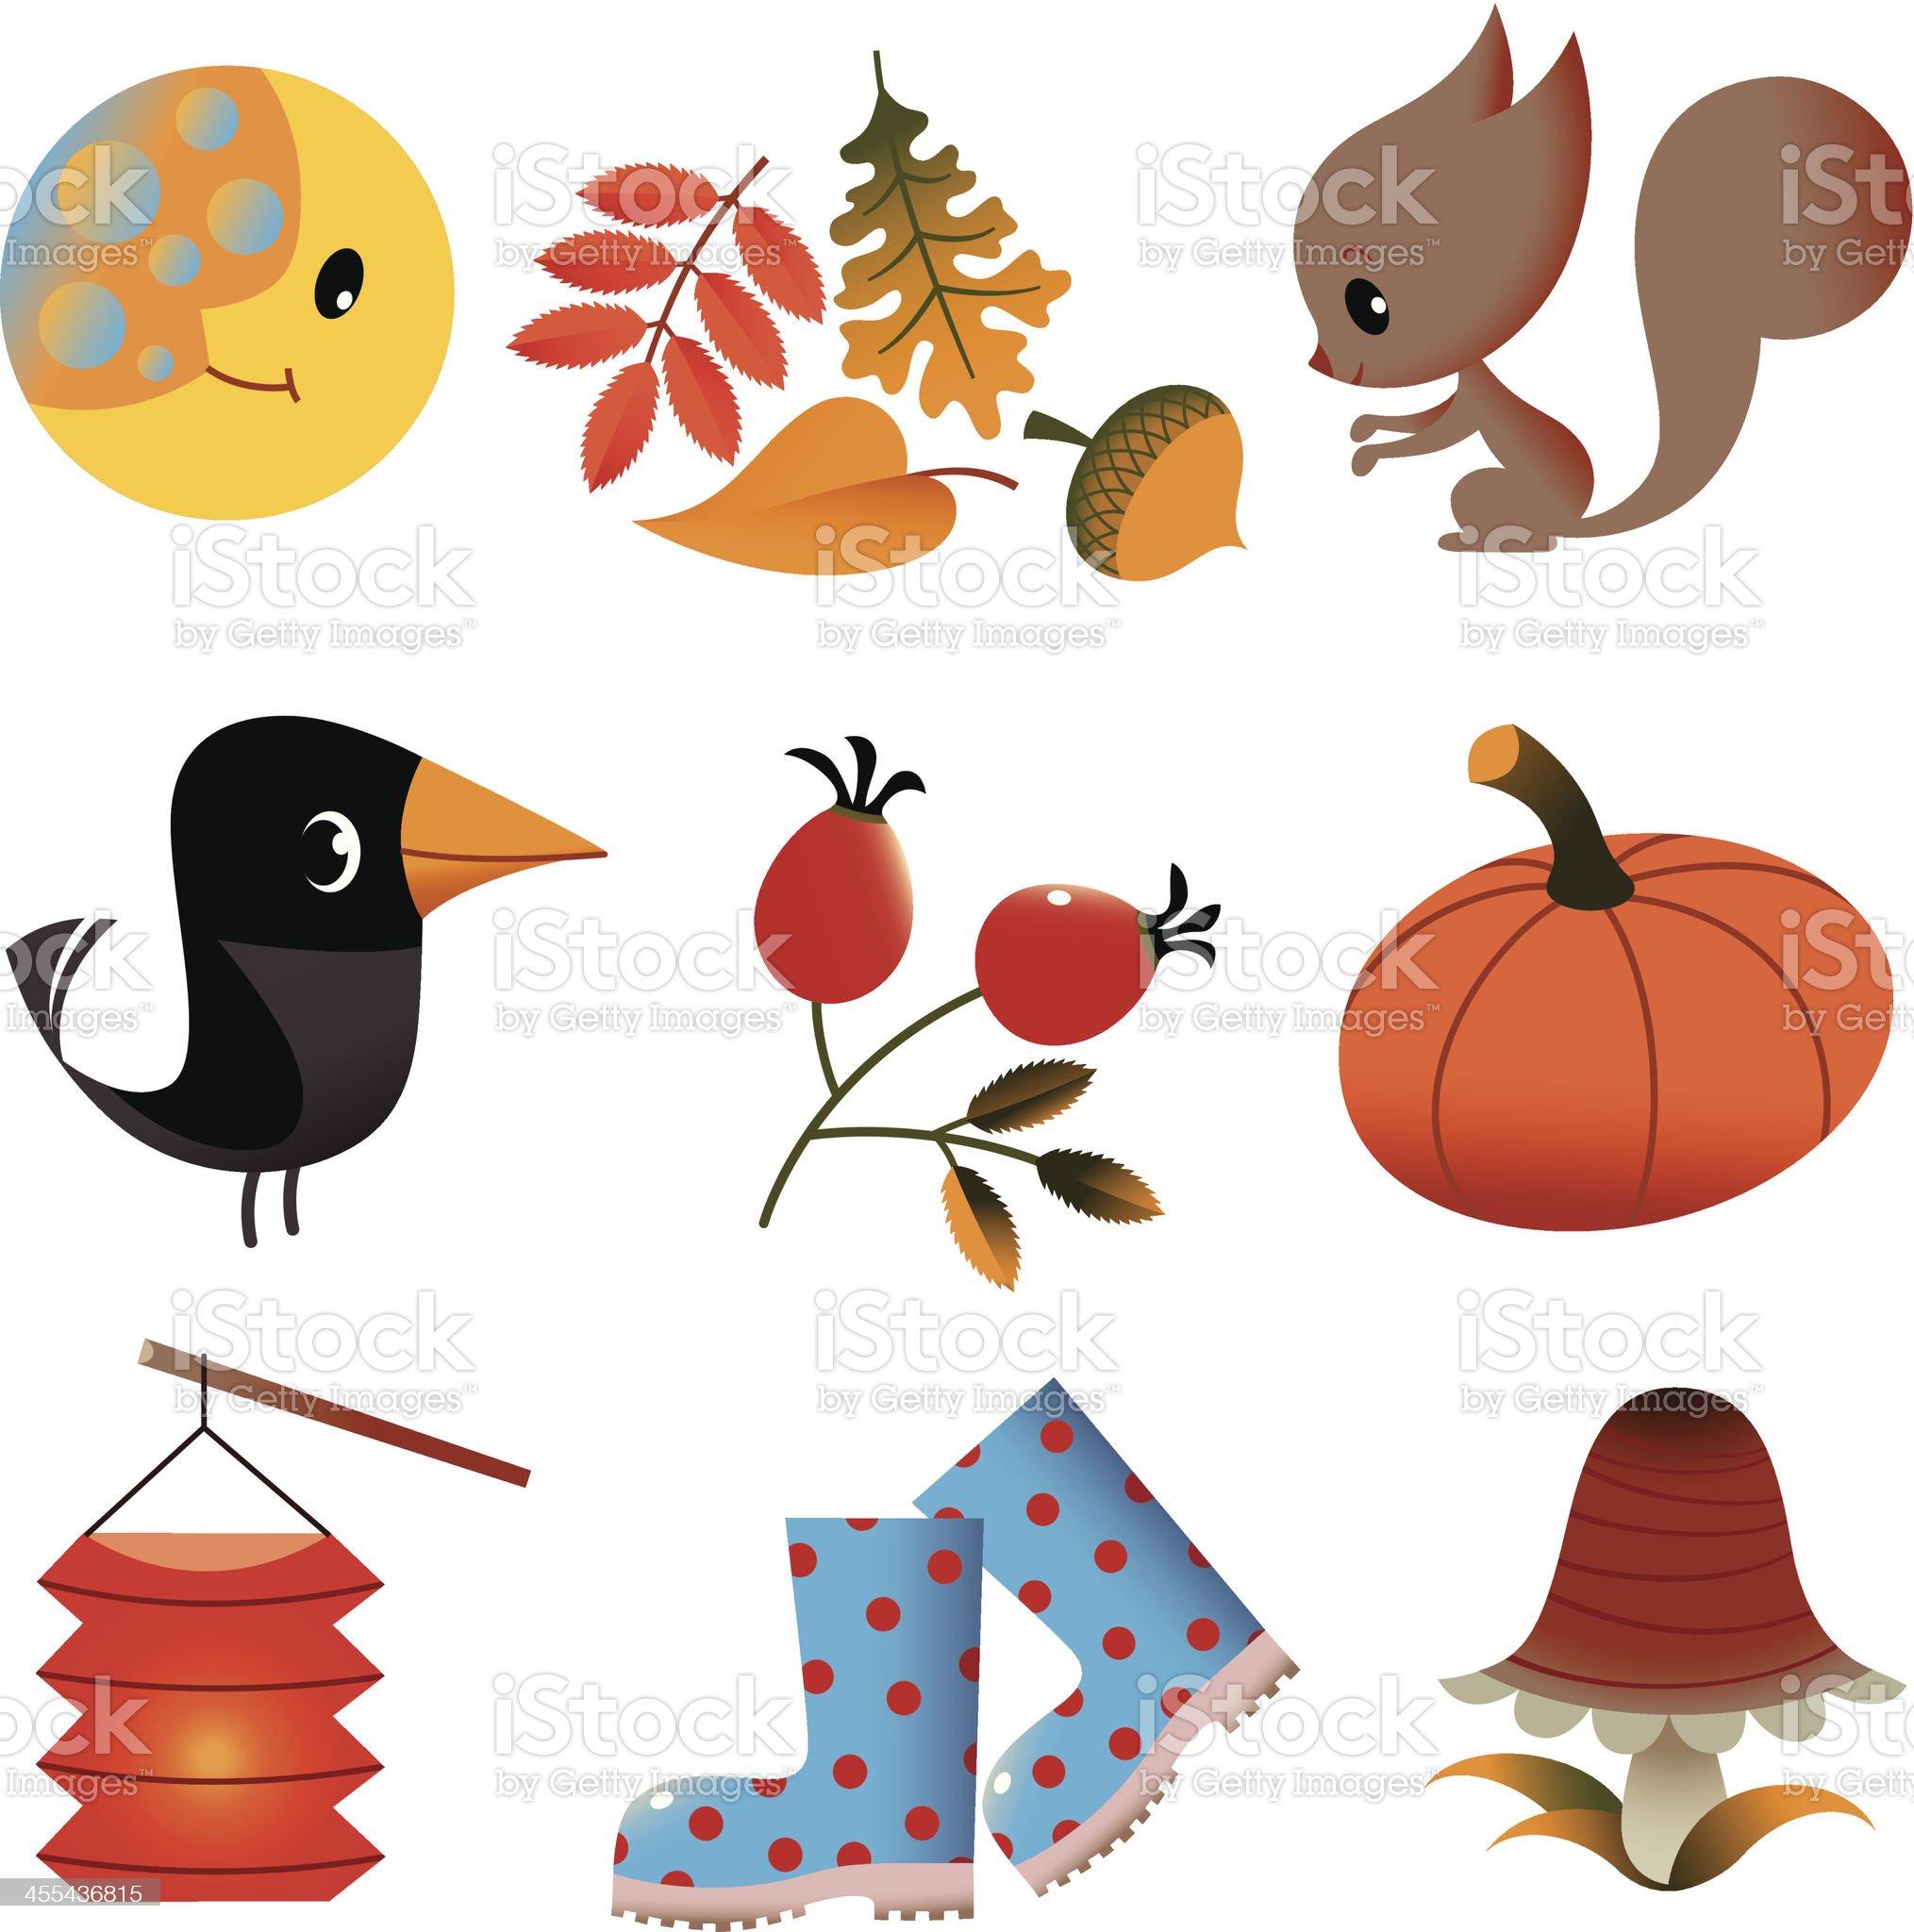 Set of Autumn Stuff. royalty-free stock vector art